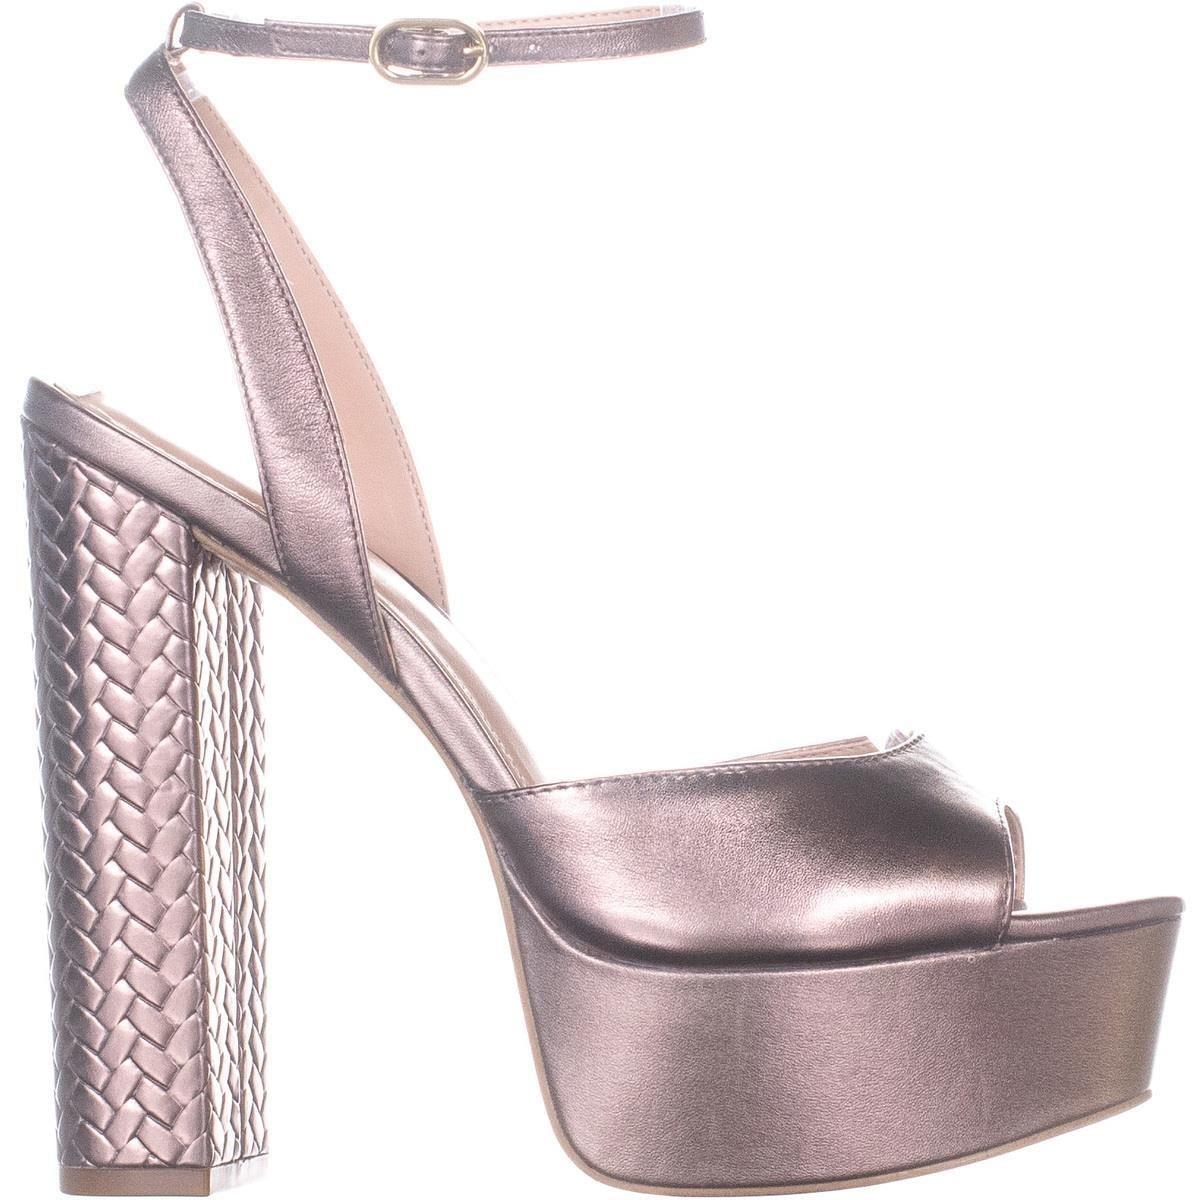 7234af6ac260 Shop Rachel Zoe Claire Platform Sandals